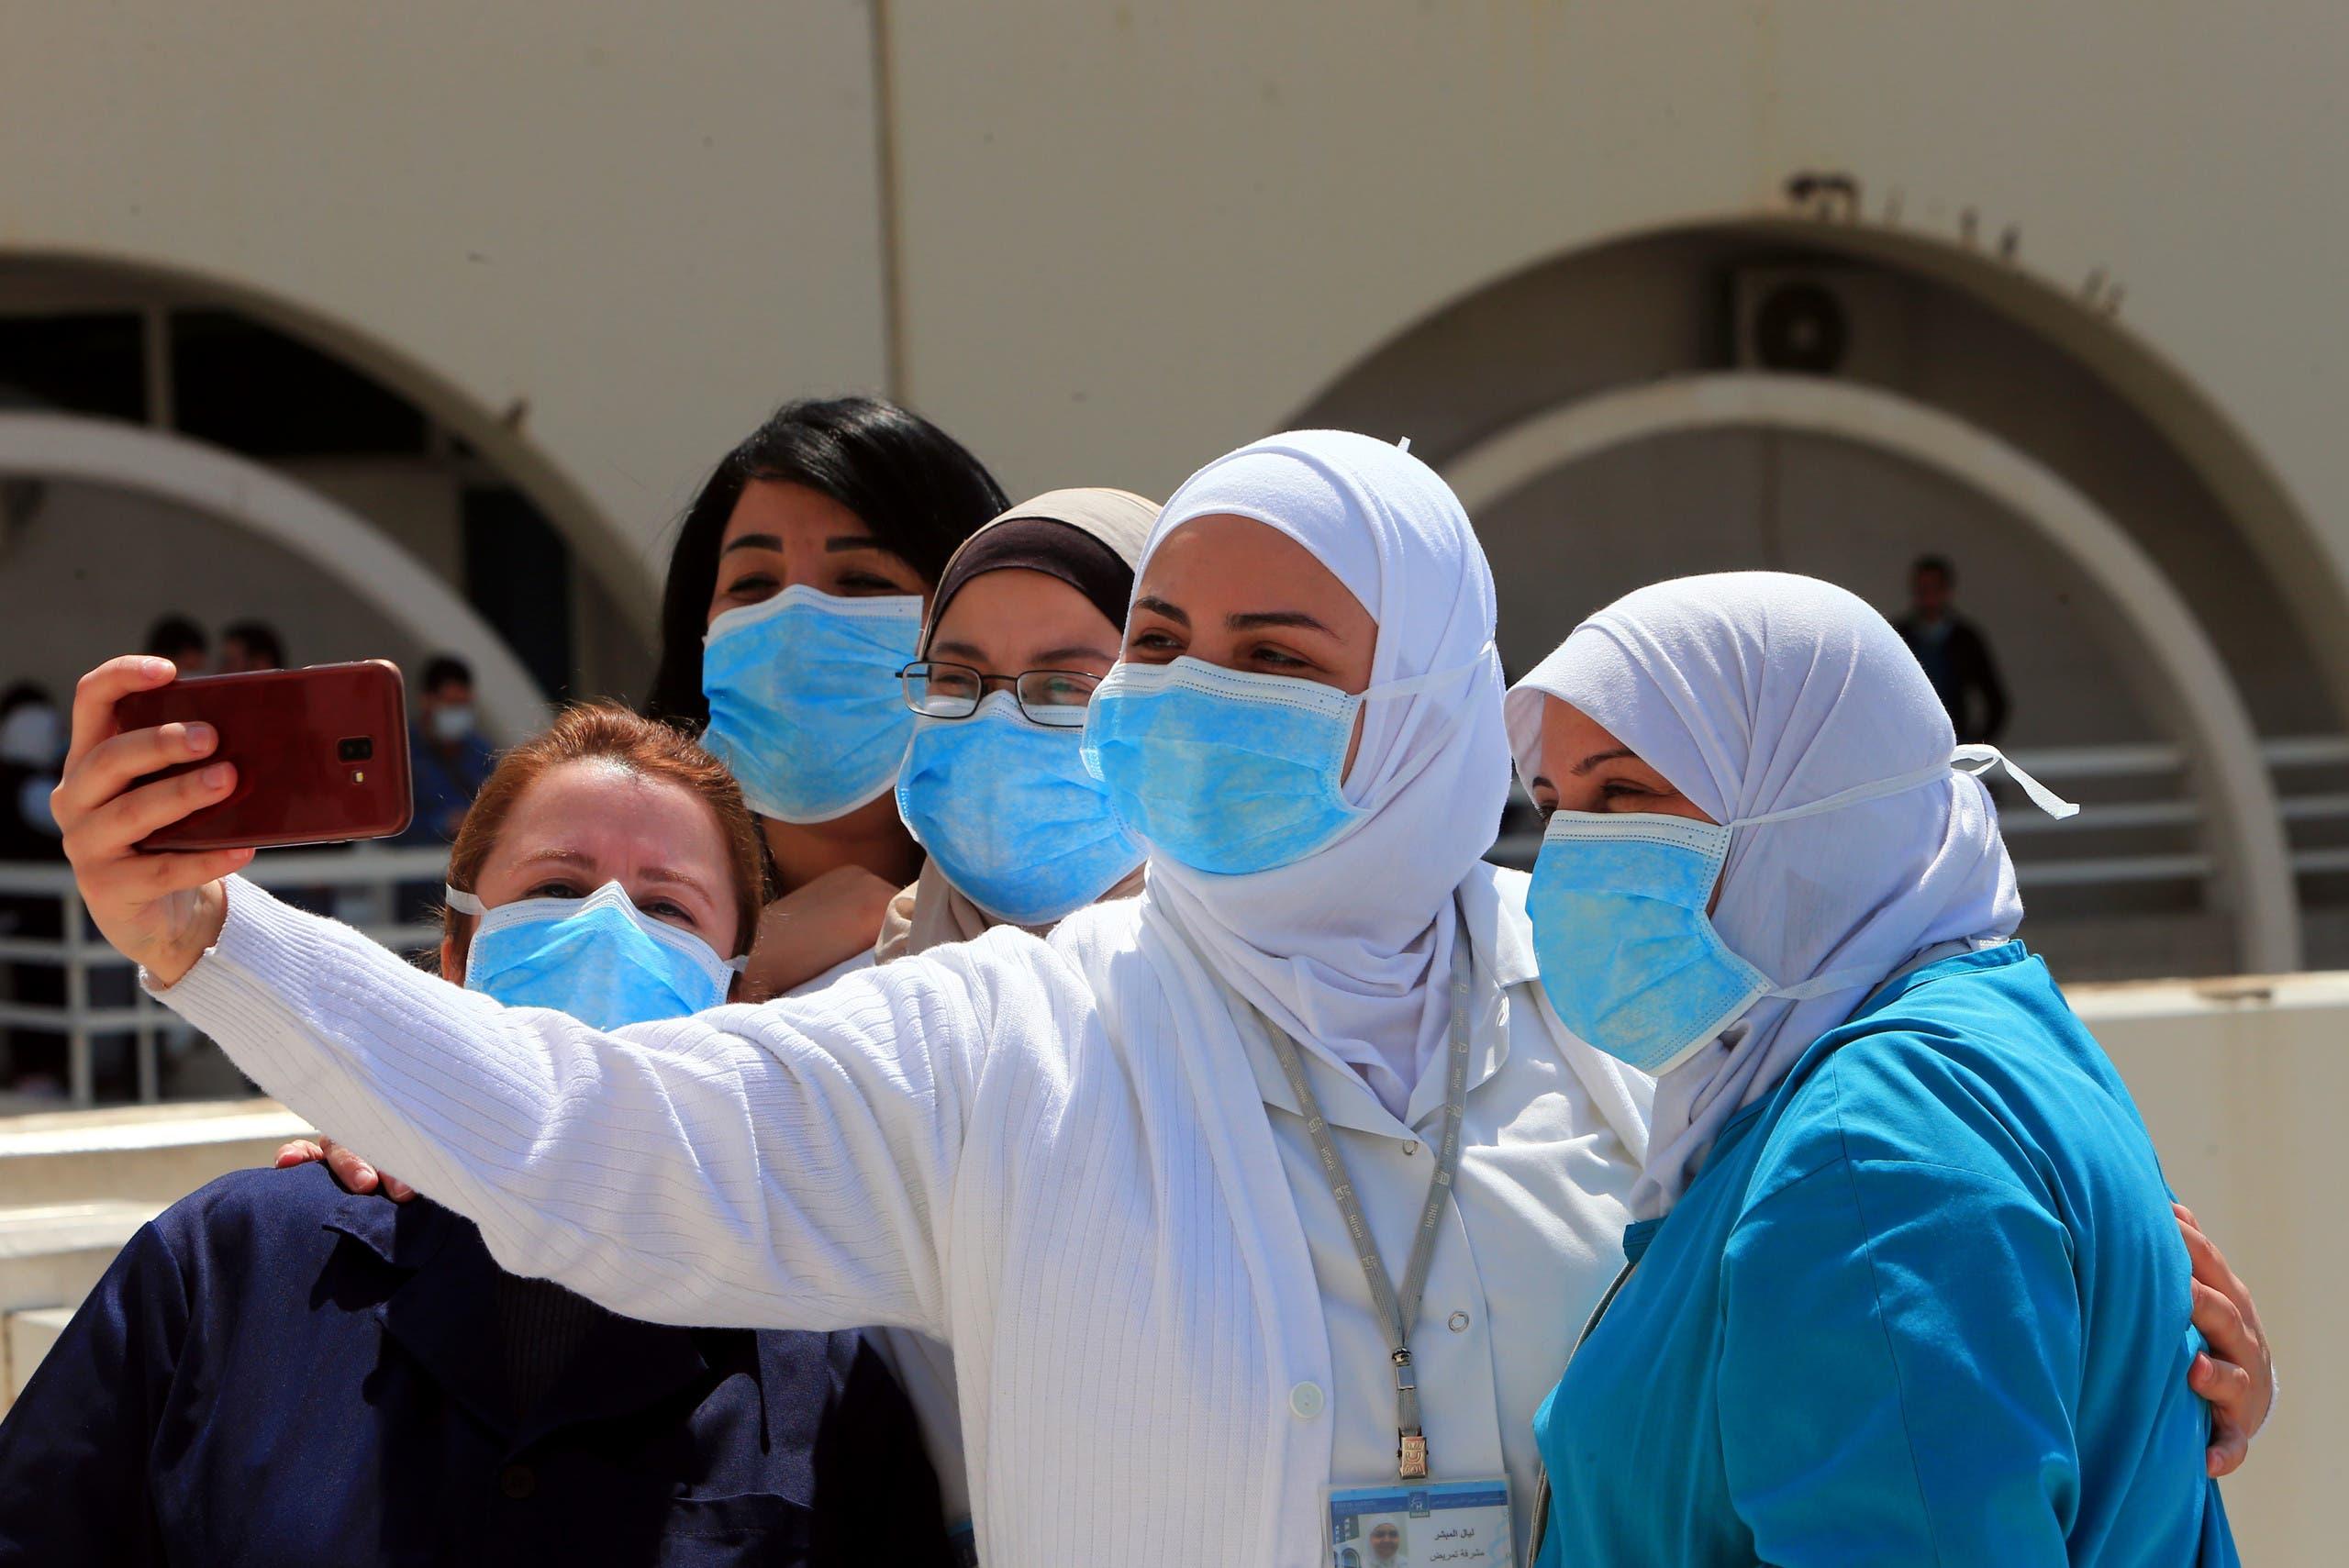 عاملات صحة يأخذن صورة تذكارية خلال حفل موسيقي صغير أقيم قرب مستشفى ببيروت حيث يعالج مرضى كورونا